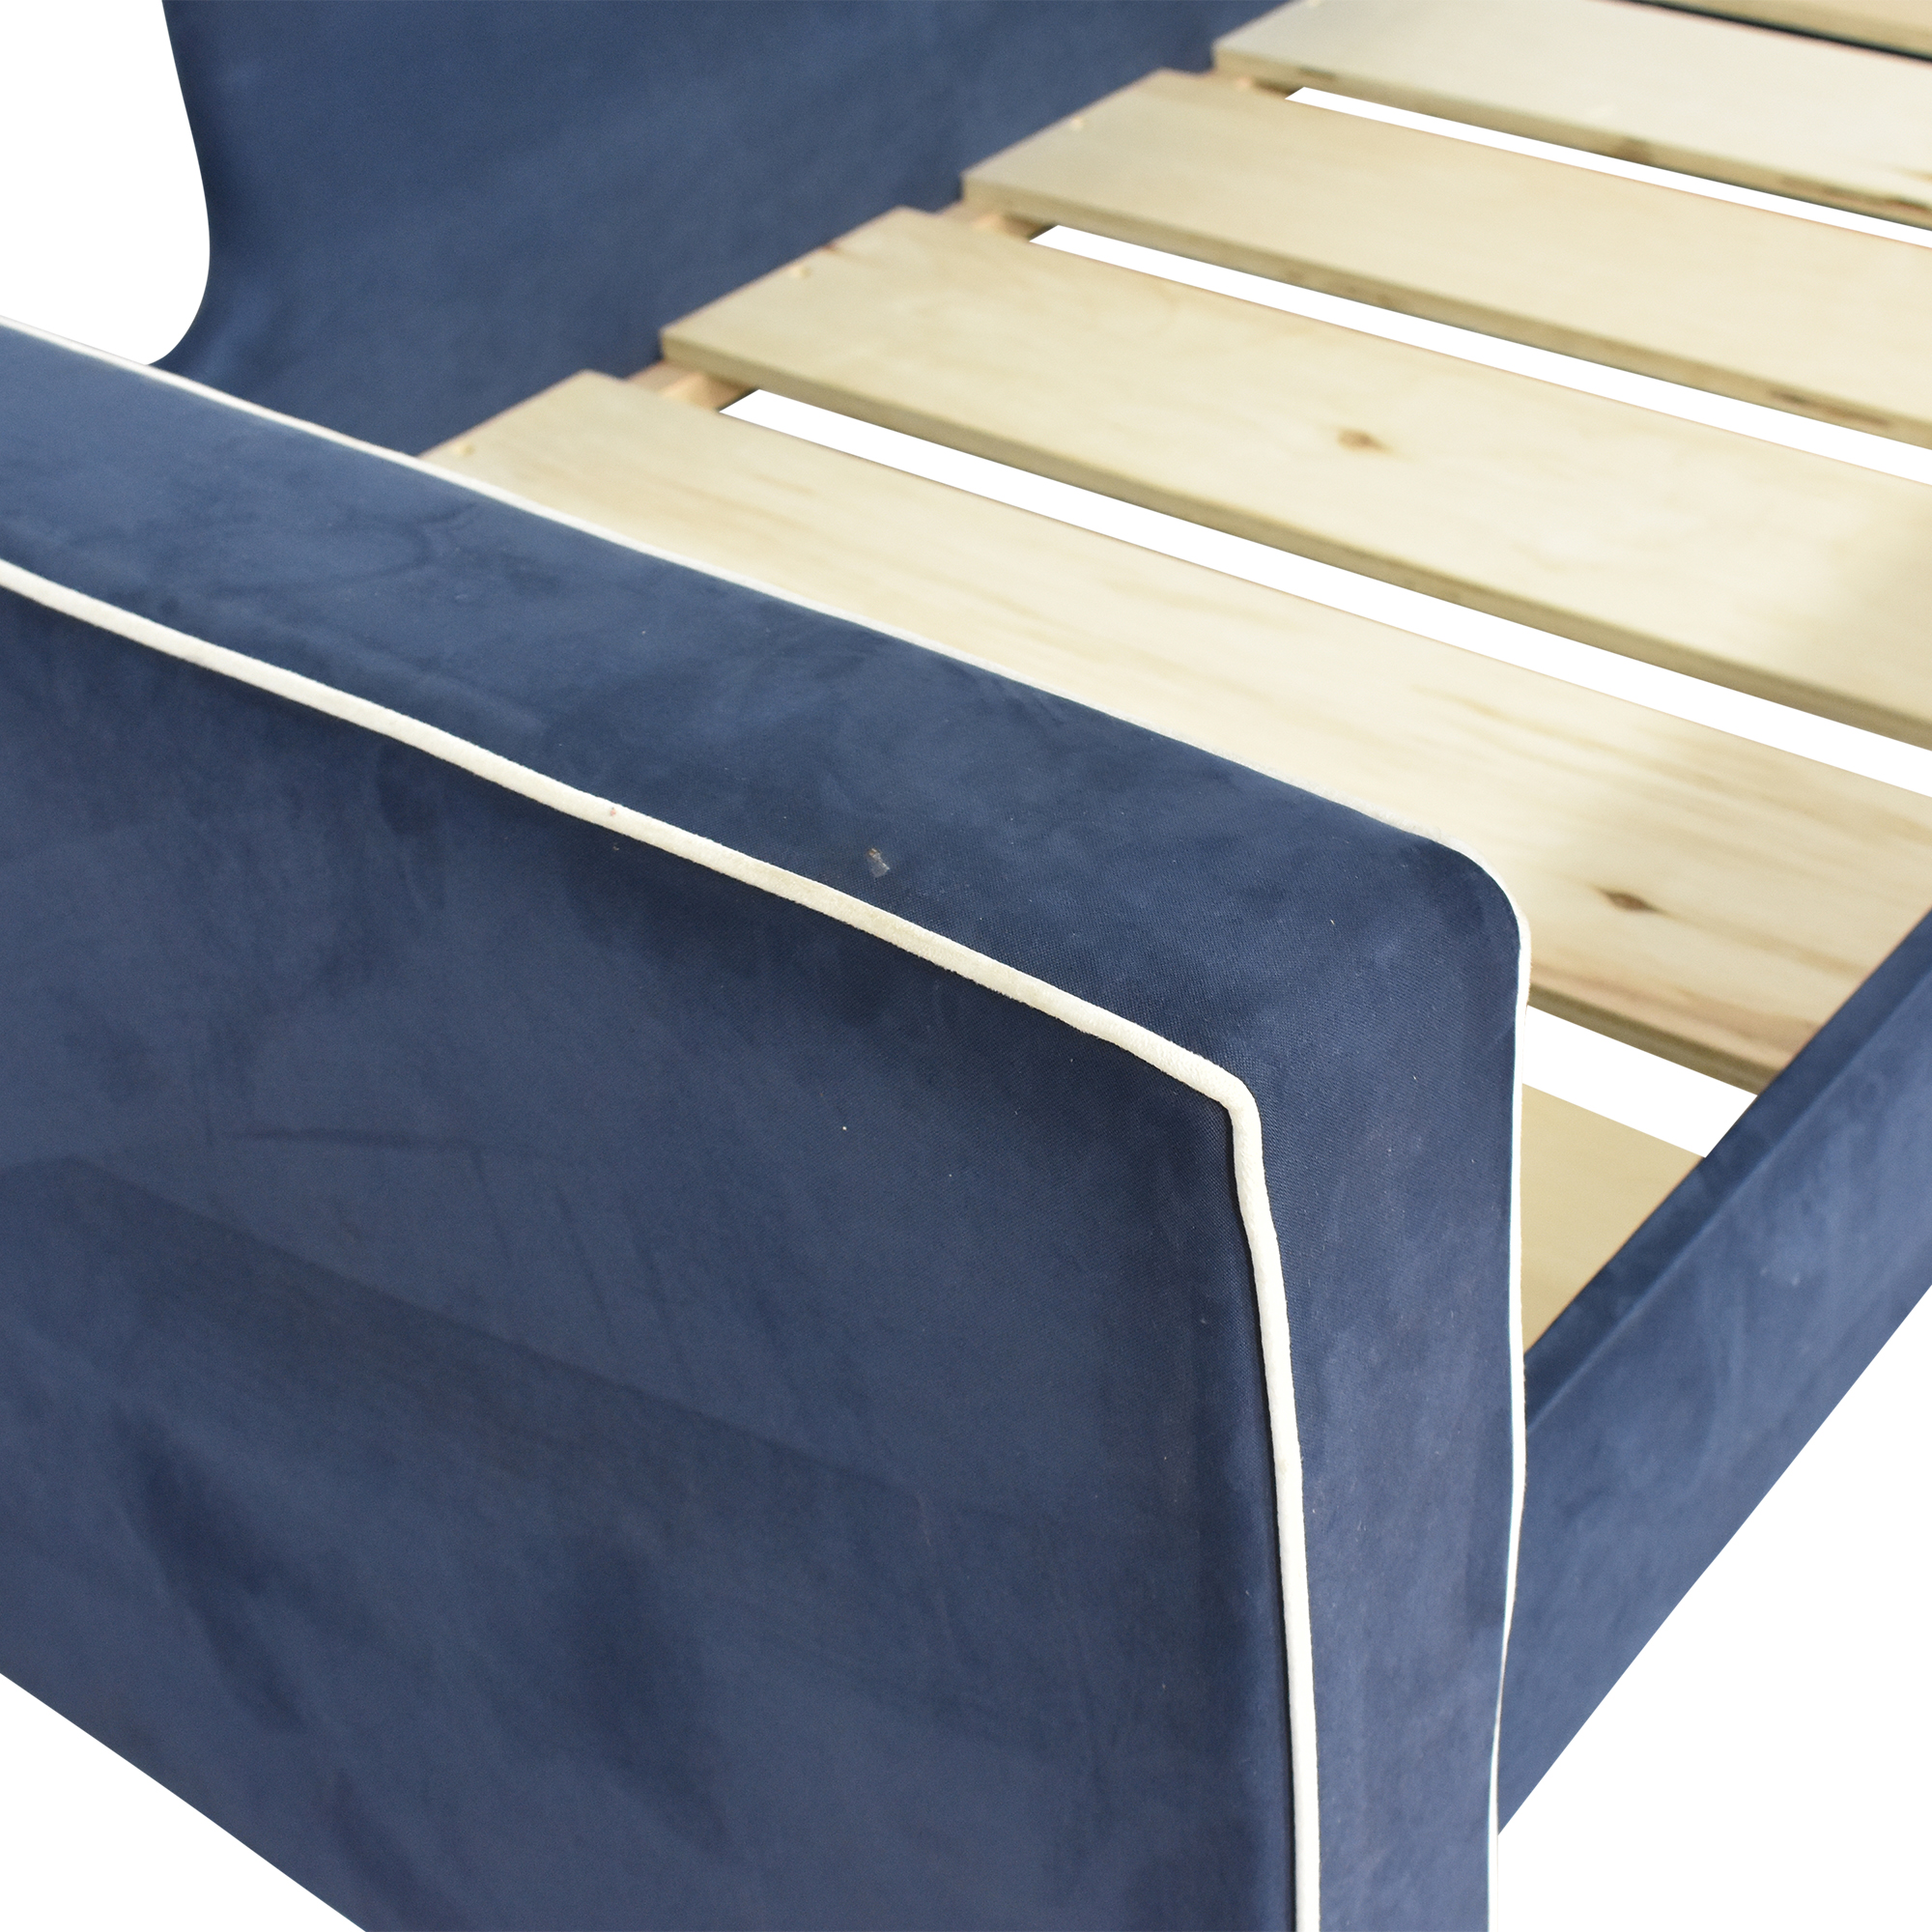 Monte Design Monte Design Dorma Twin Bed dimensions